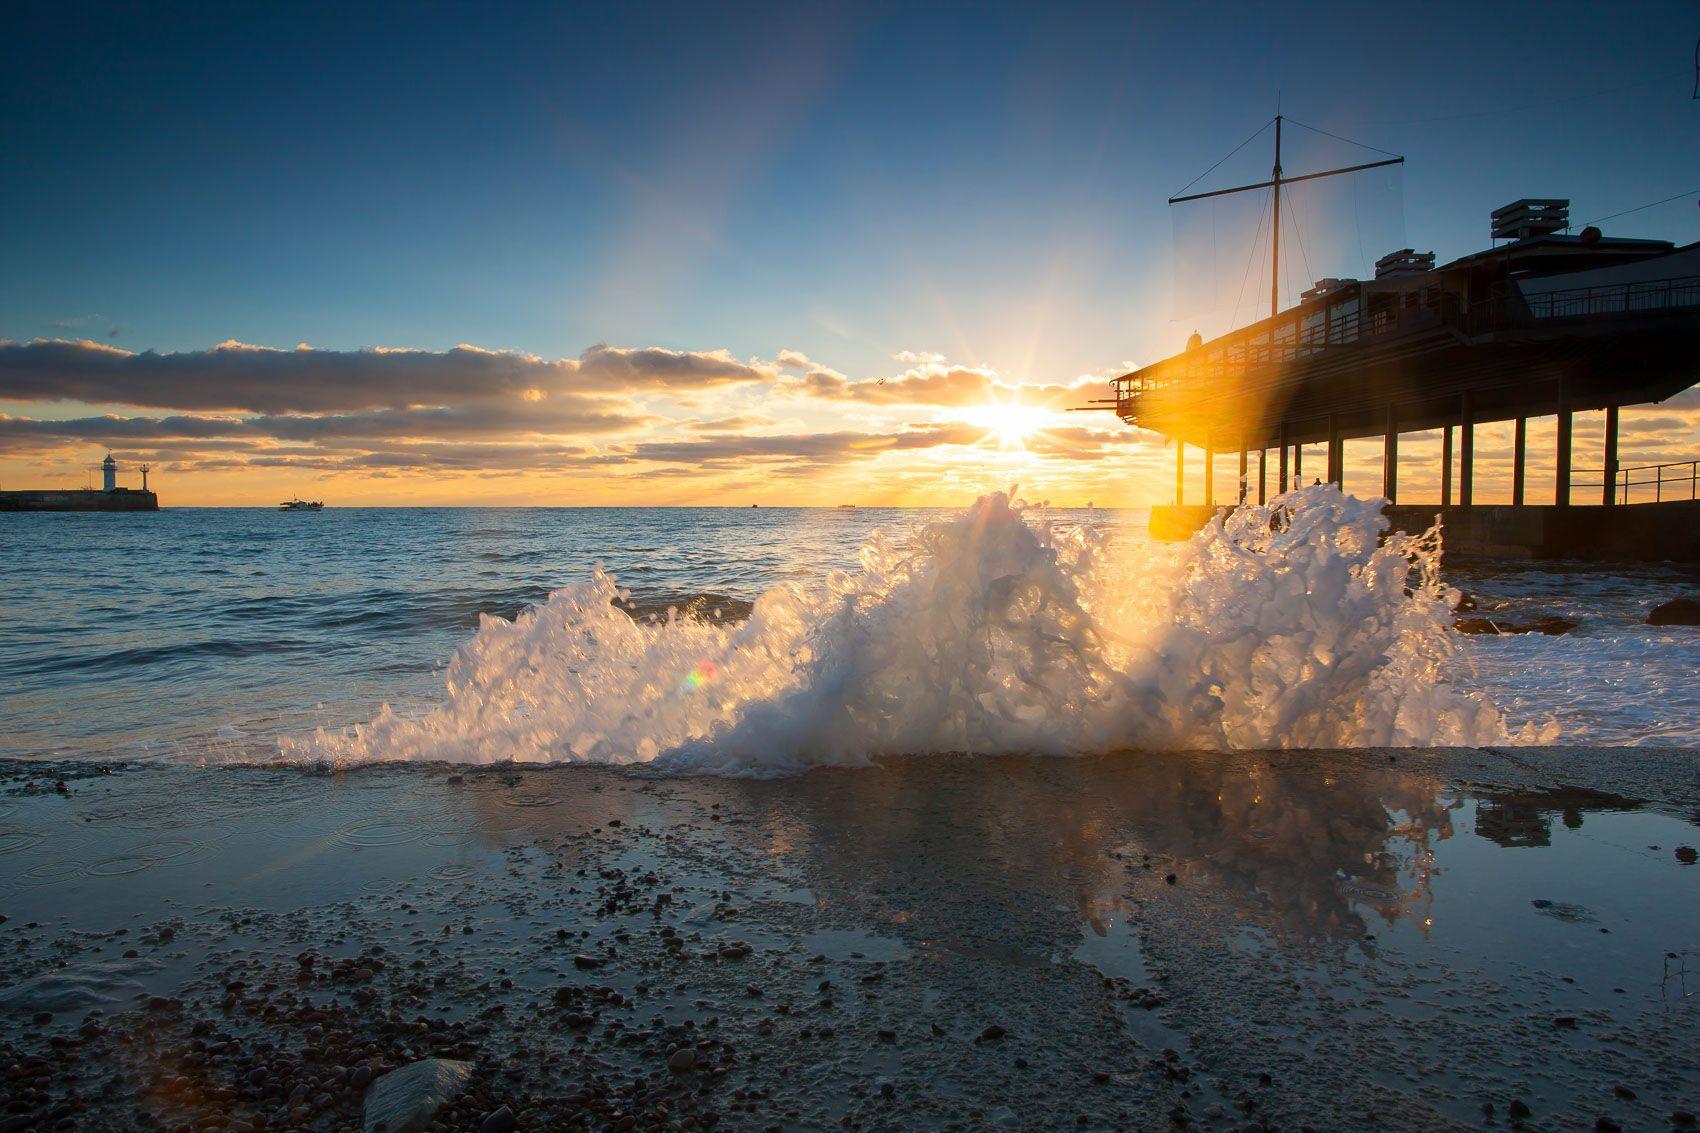 Утро в Ялте Крым Ялта Набережная фотограф море пляж волна пейзажи Крыма